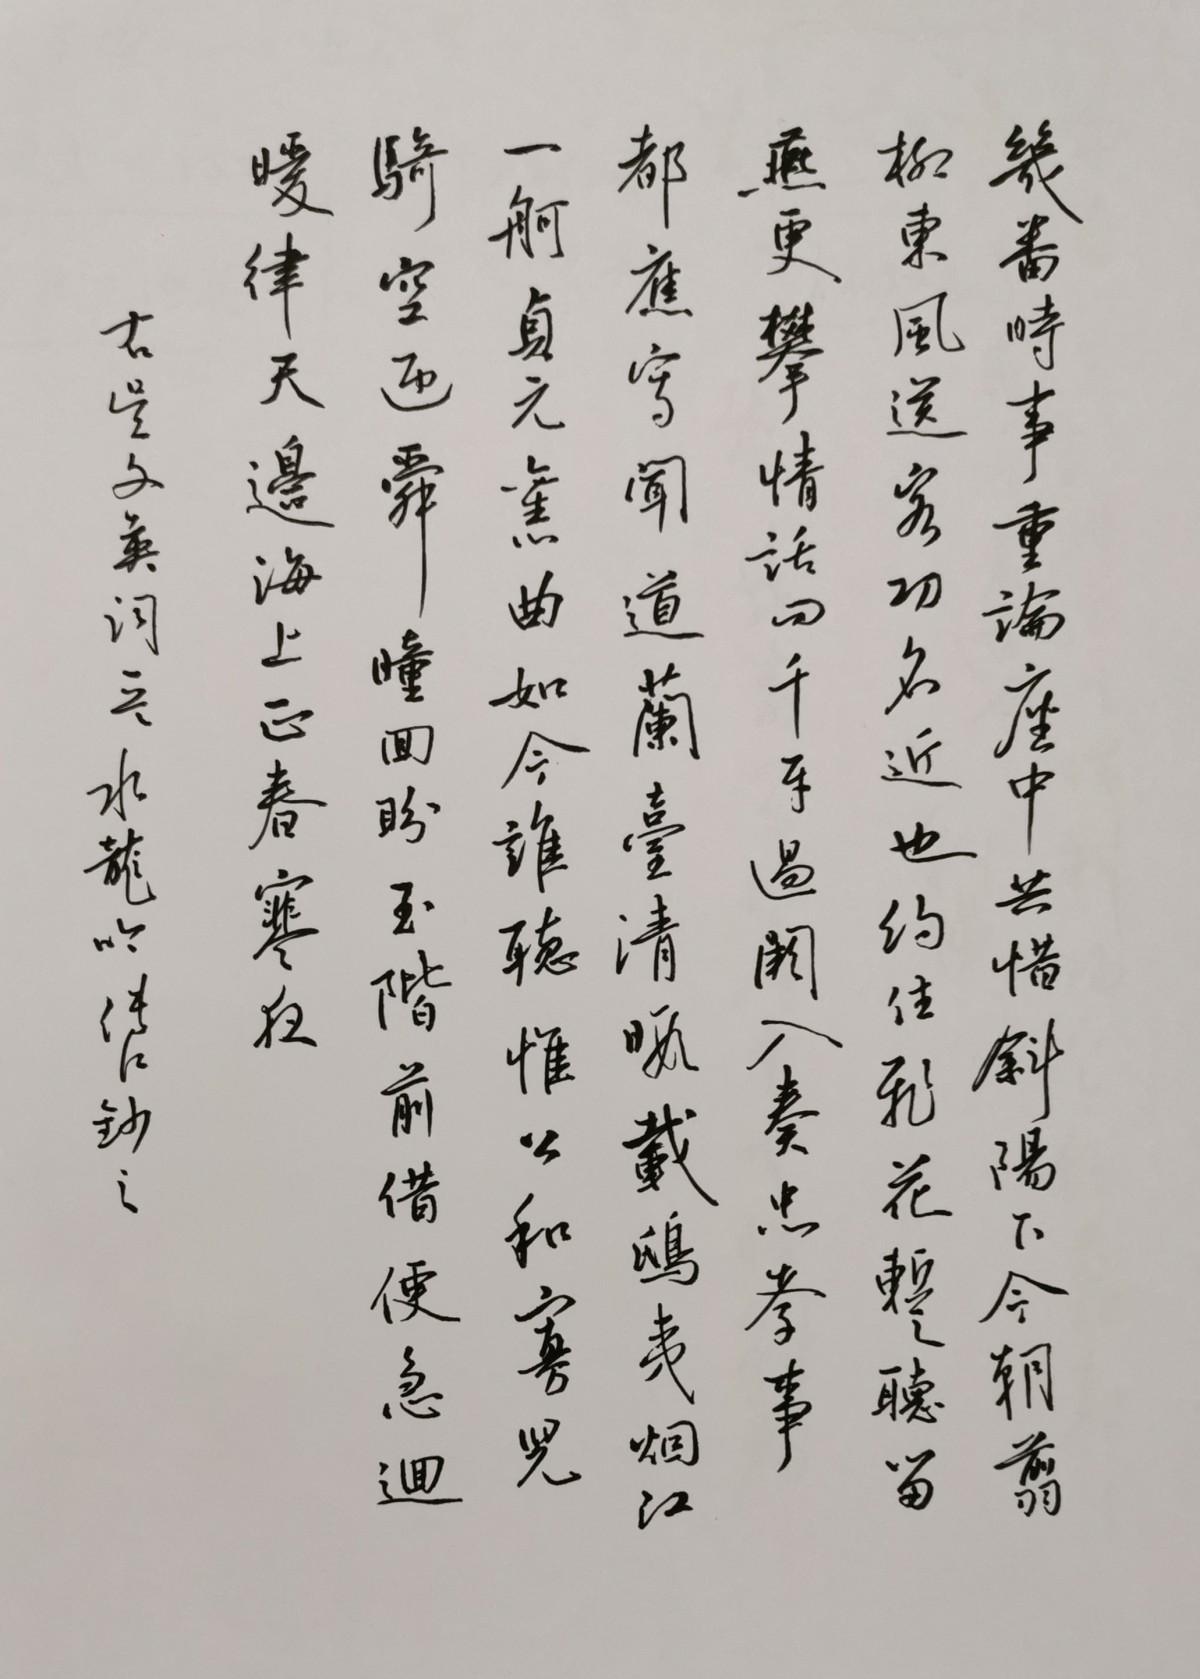 钢笔爱好者练字打卡20210126-17